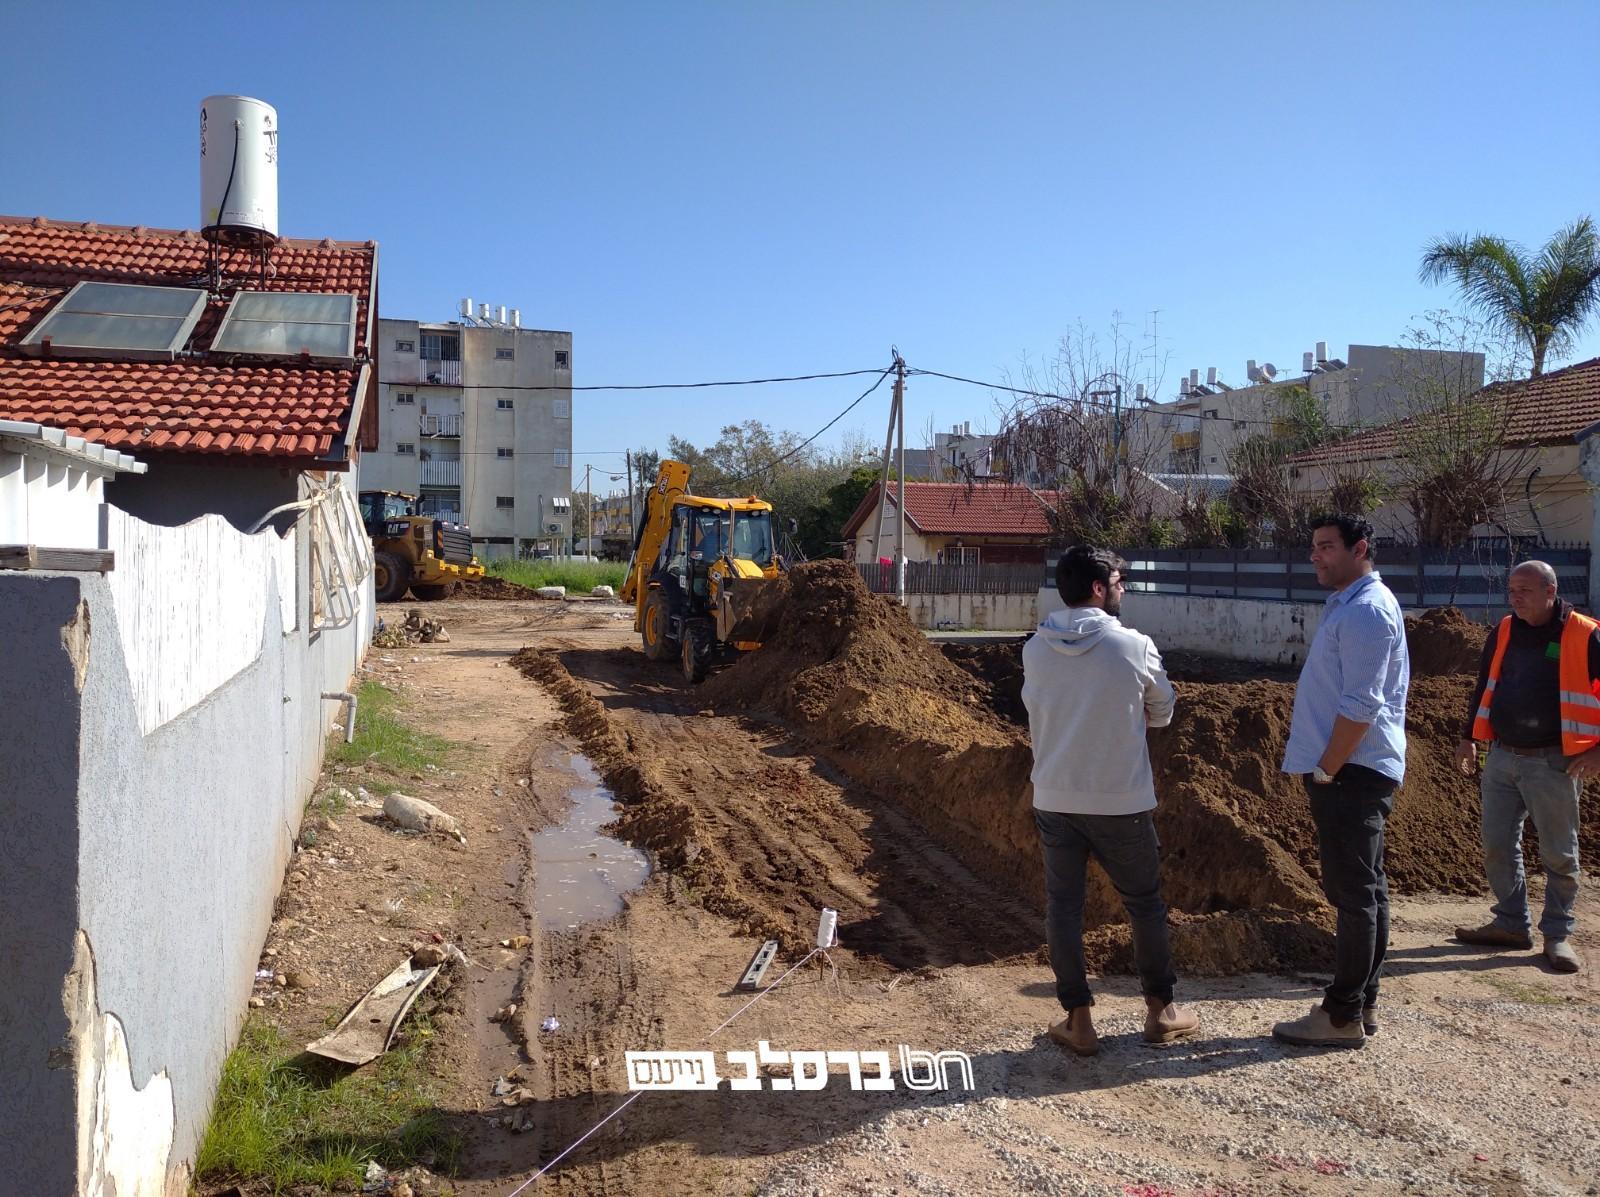 """רמלה: אנ""""ש בעיר רמלה החלו בבניין בית הכנסת ברסלב ע""""ש הצדיק"""